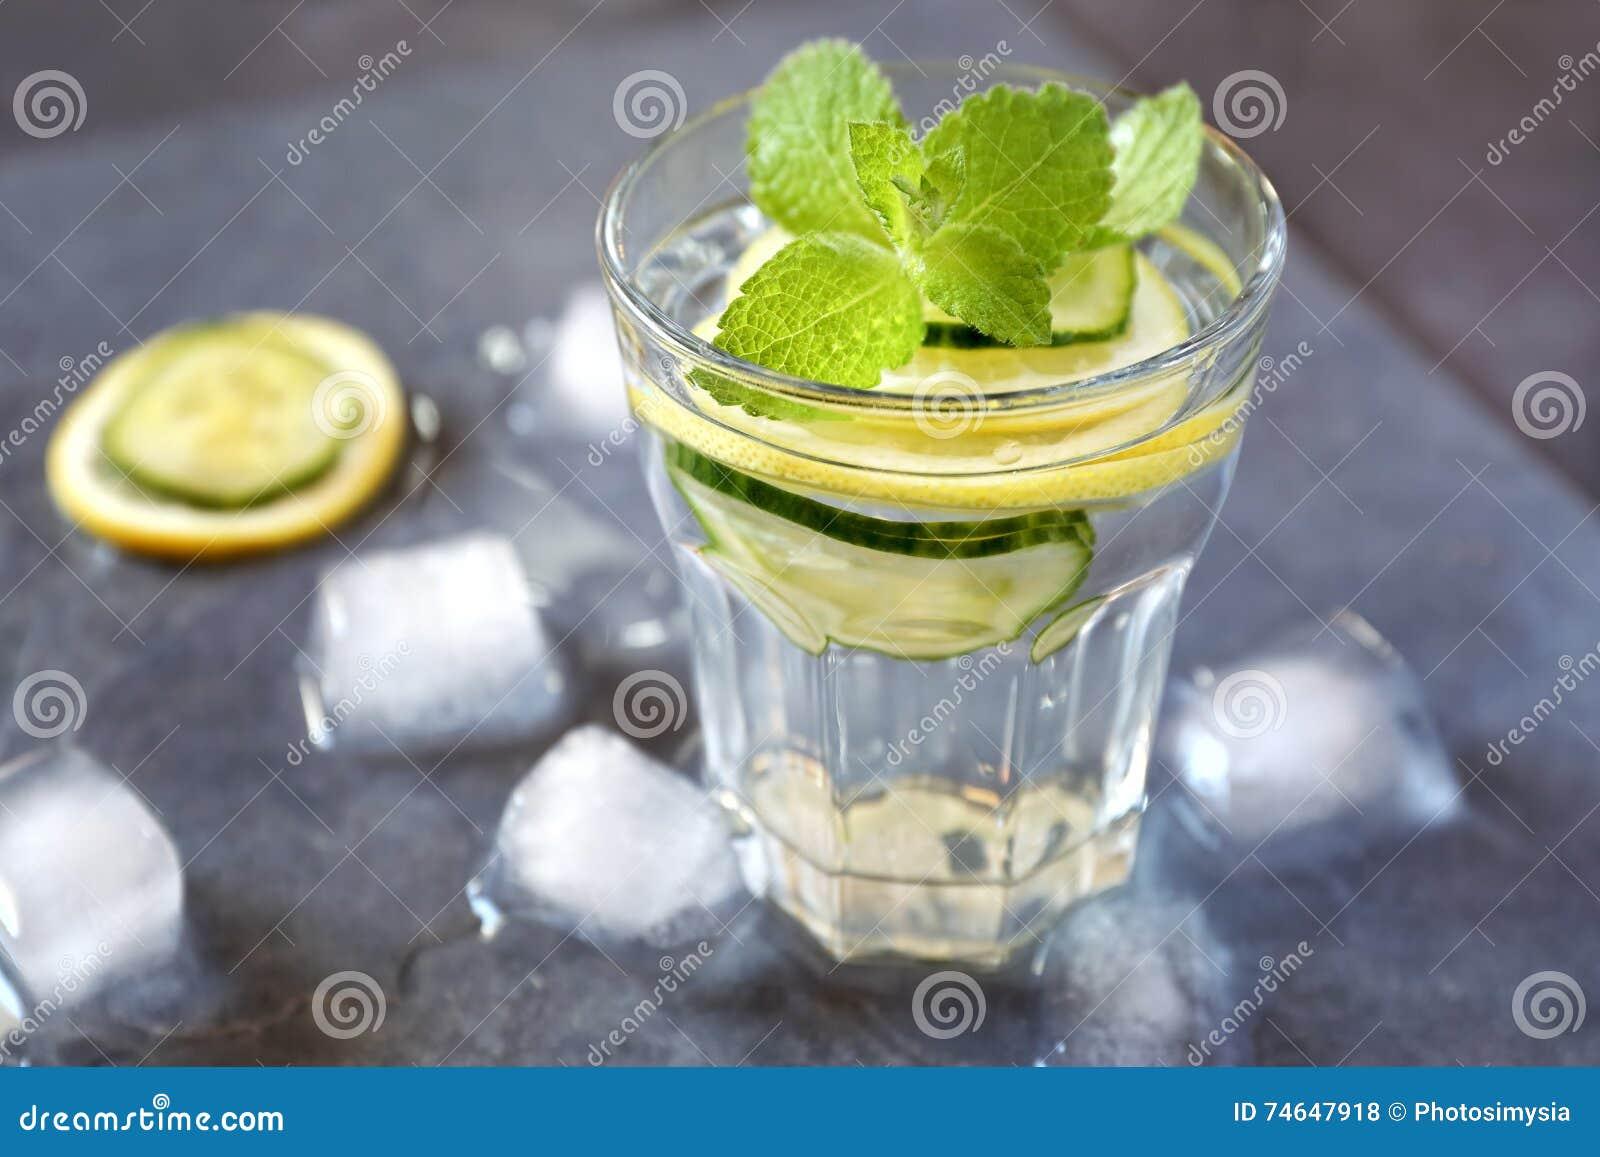 Мята лимон огурец напиток